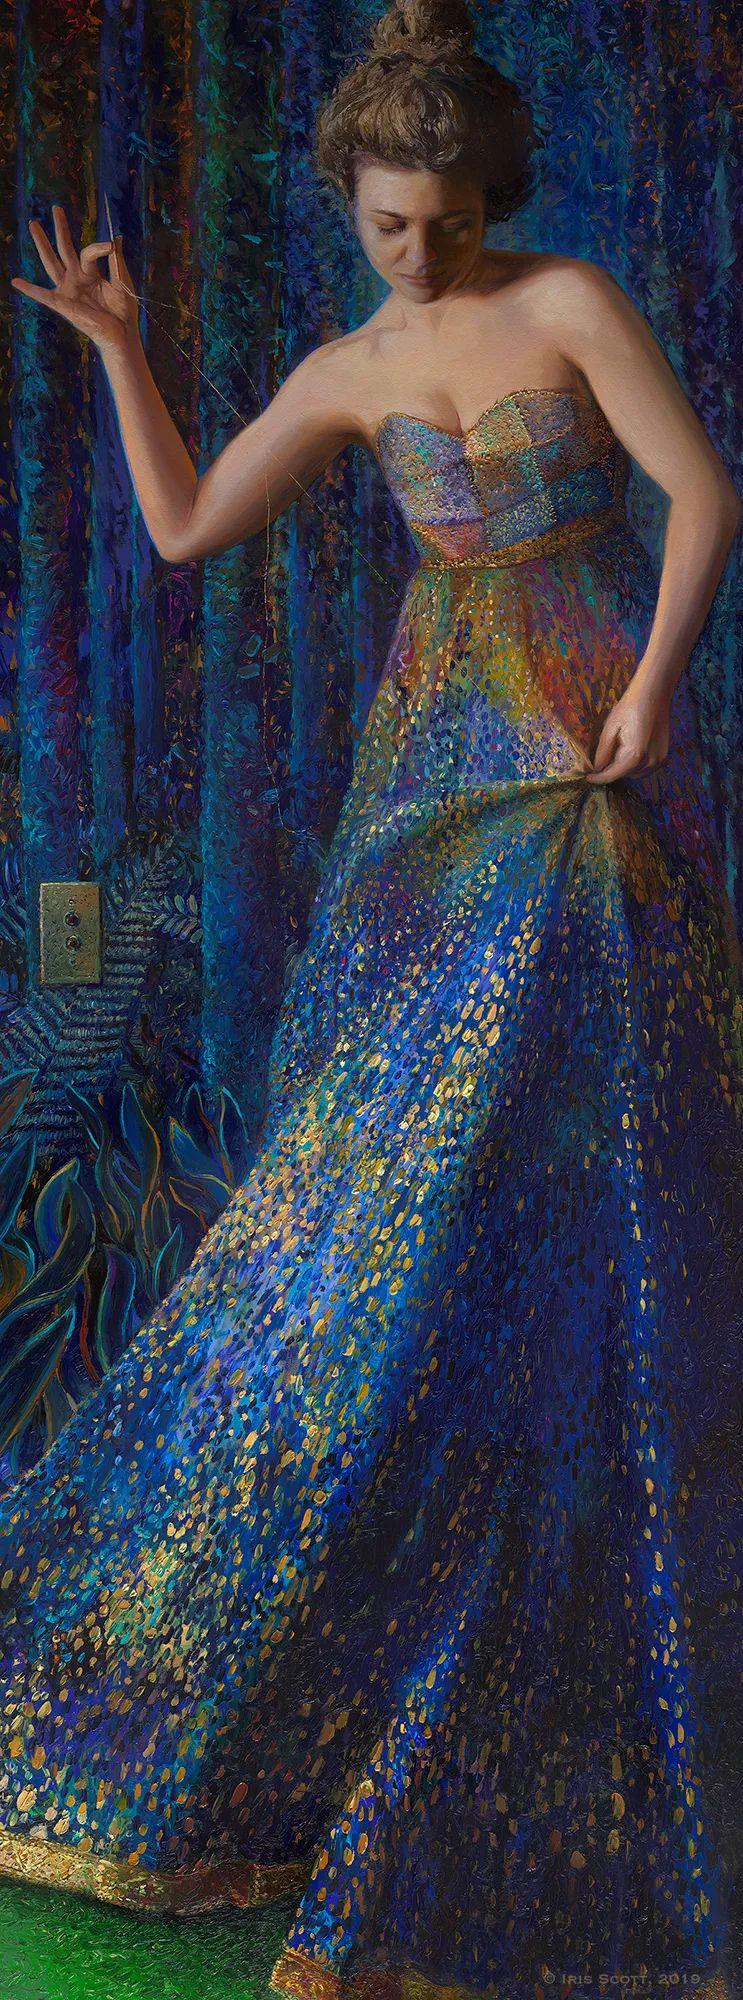 用颜料触摸这个世界!美国画家Iris Scott画选(下)——人物街景篇插图3